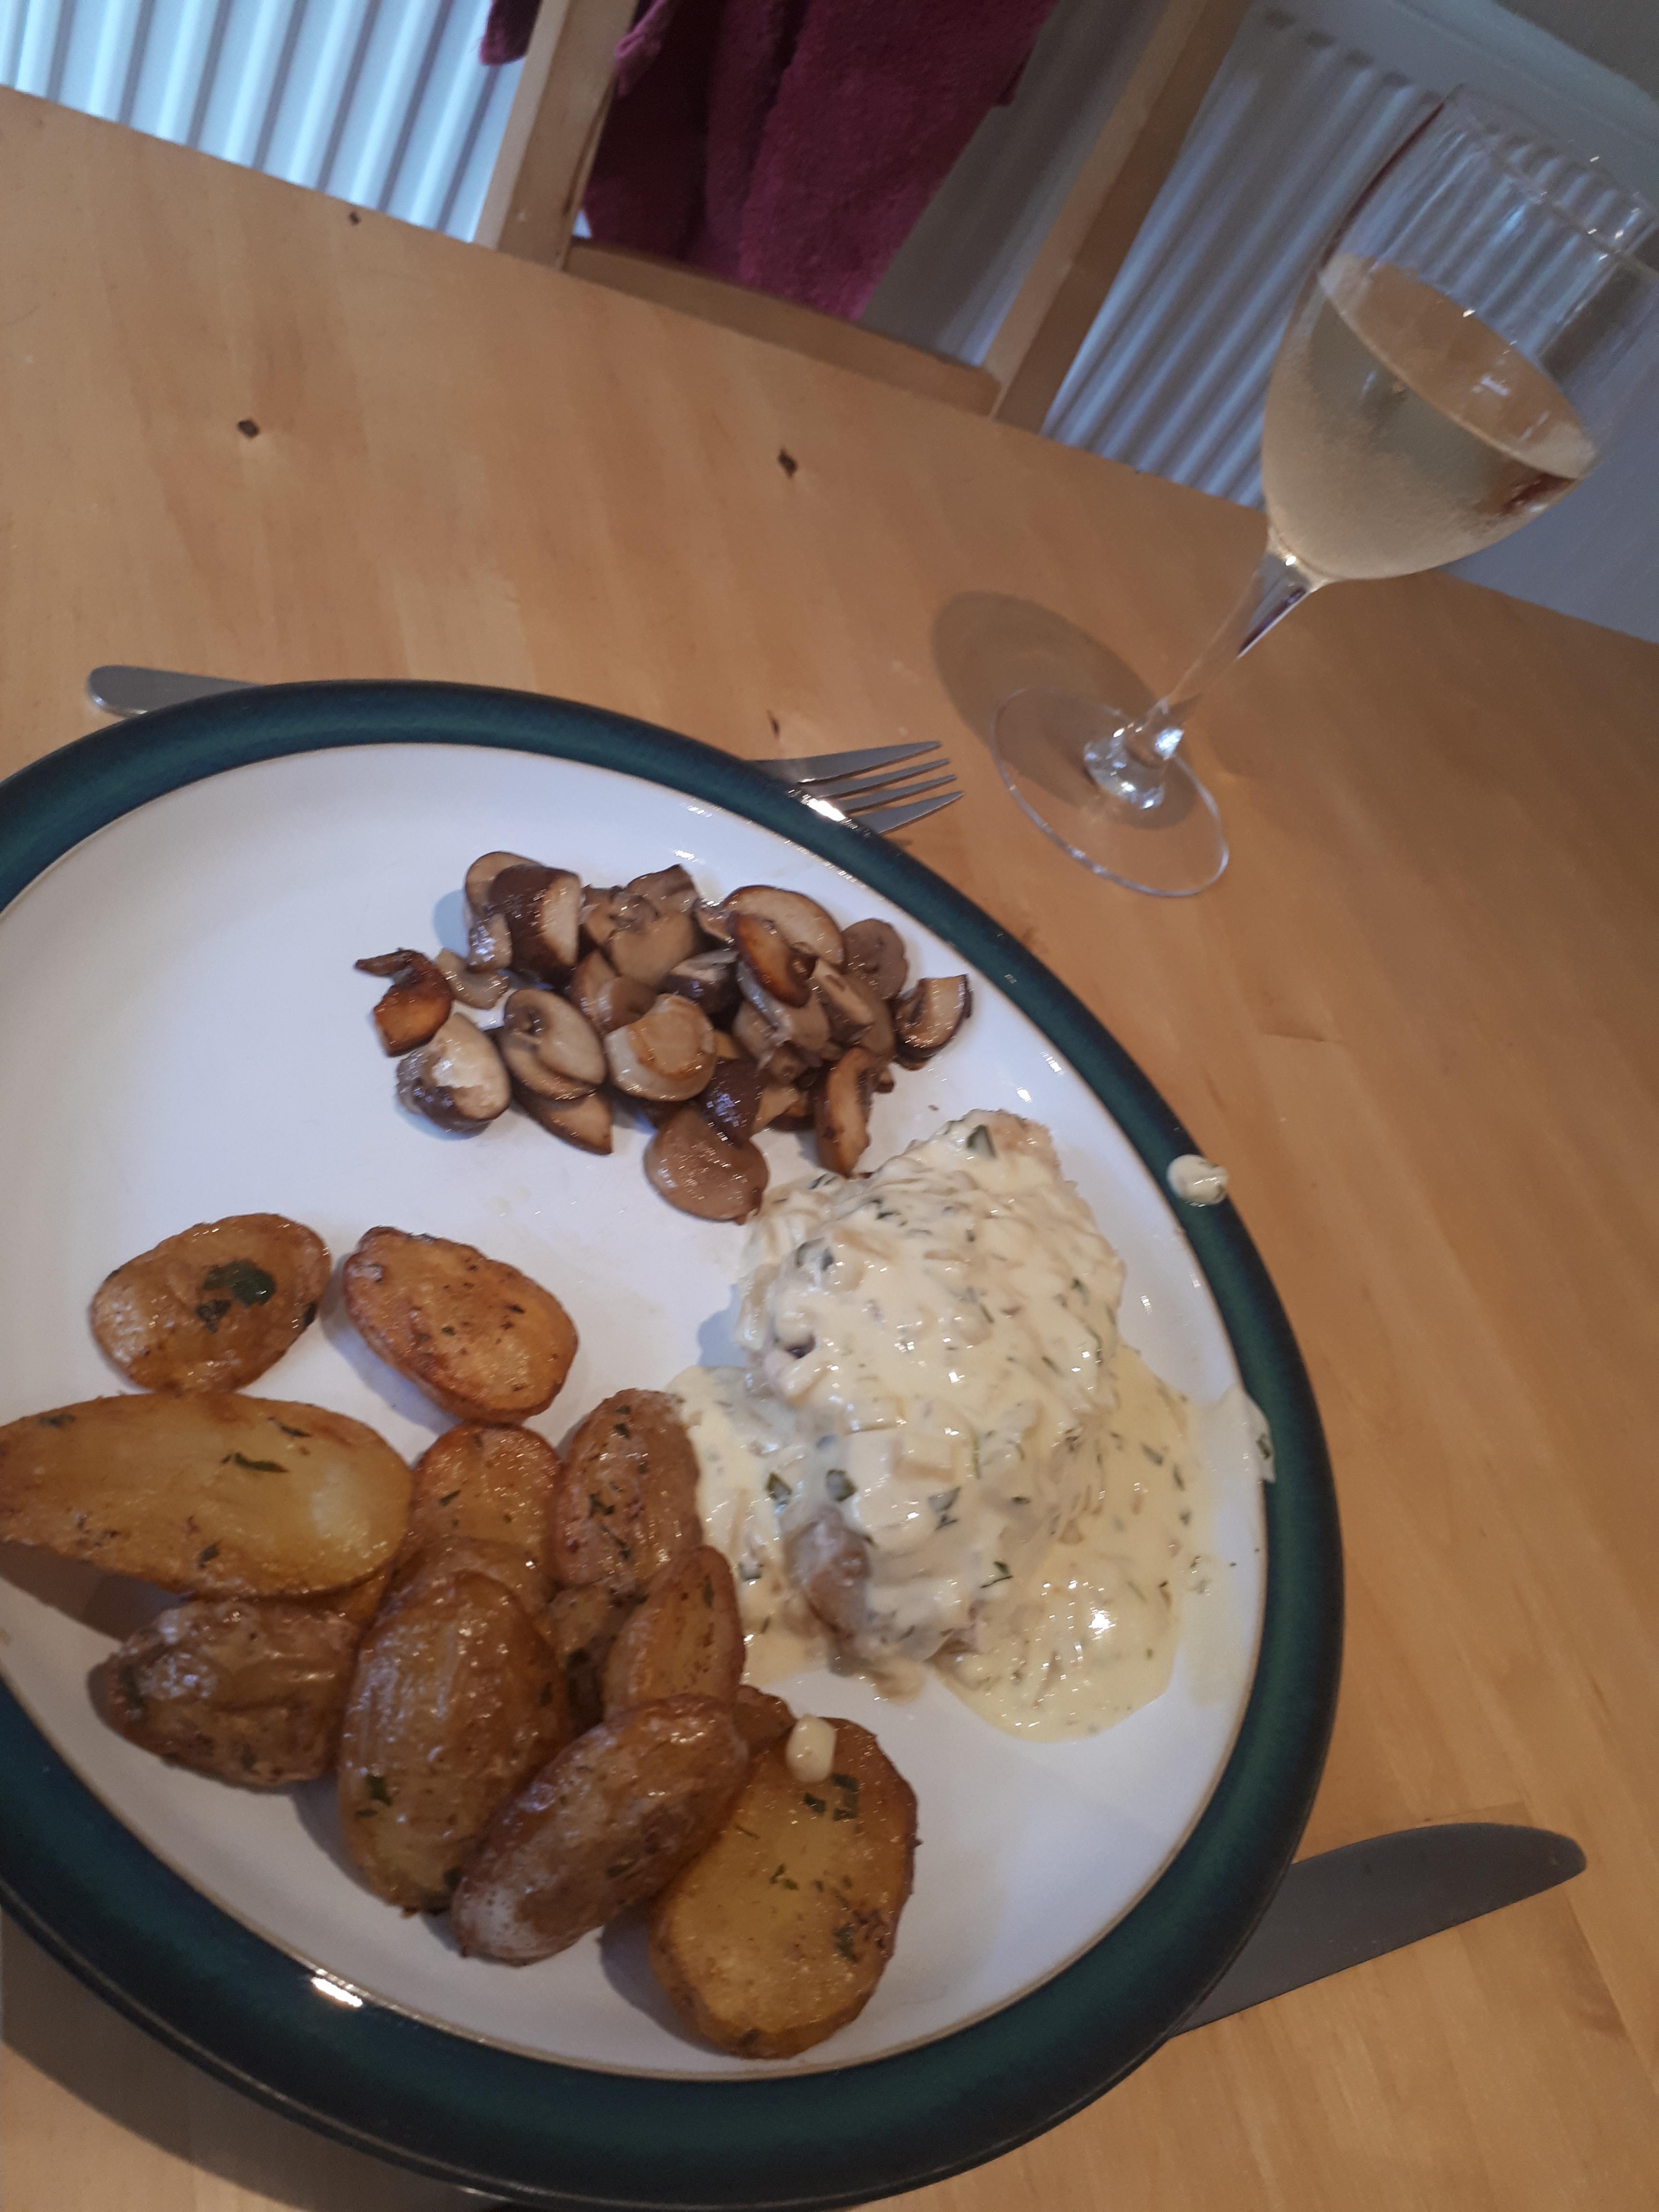 pommes de terre Sarladais, Nigella's tarragon chicken and sauteed mushrooms